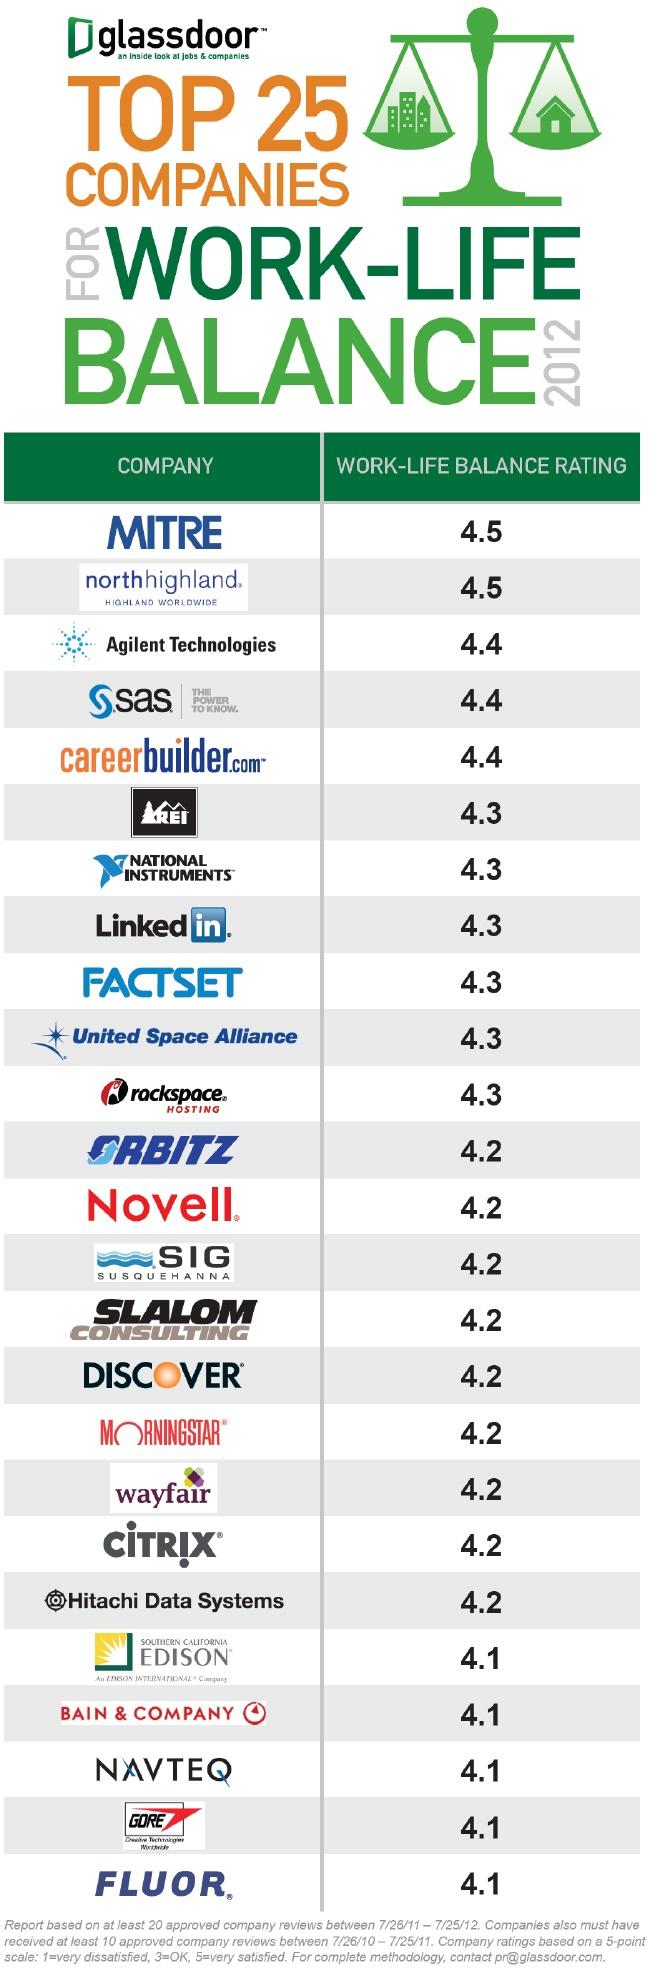 Glassdoor: Glassdoor Top 25 Companies